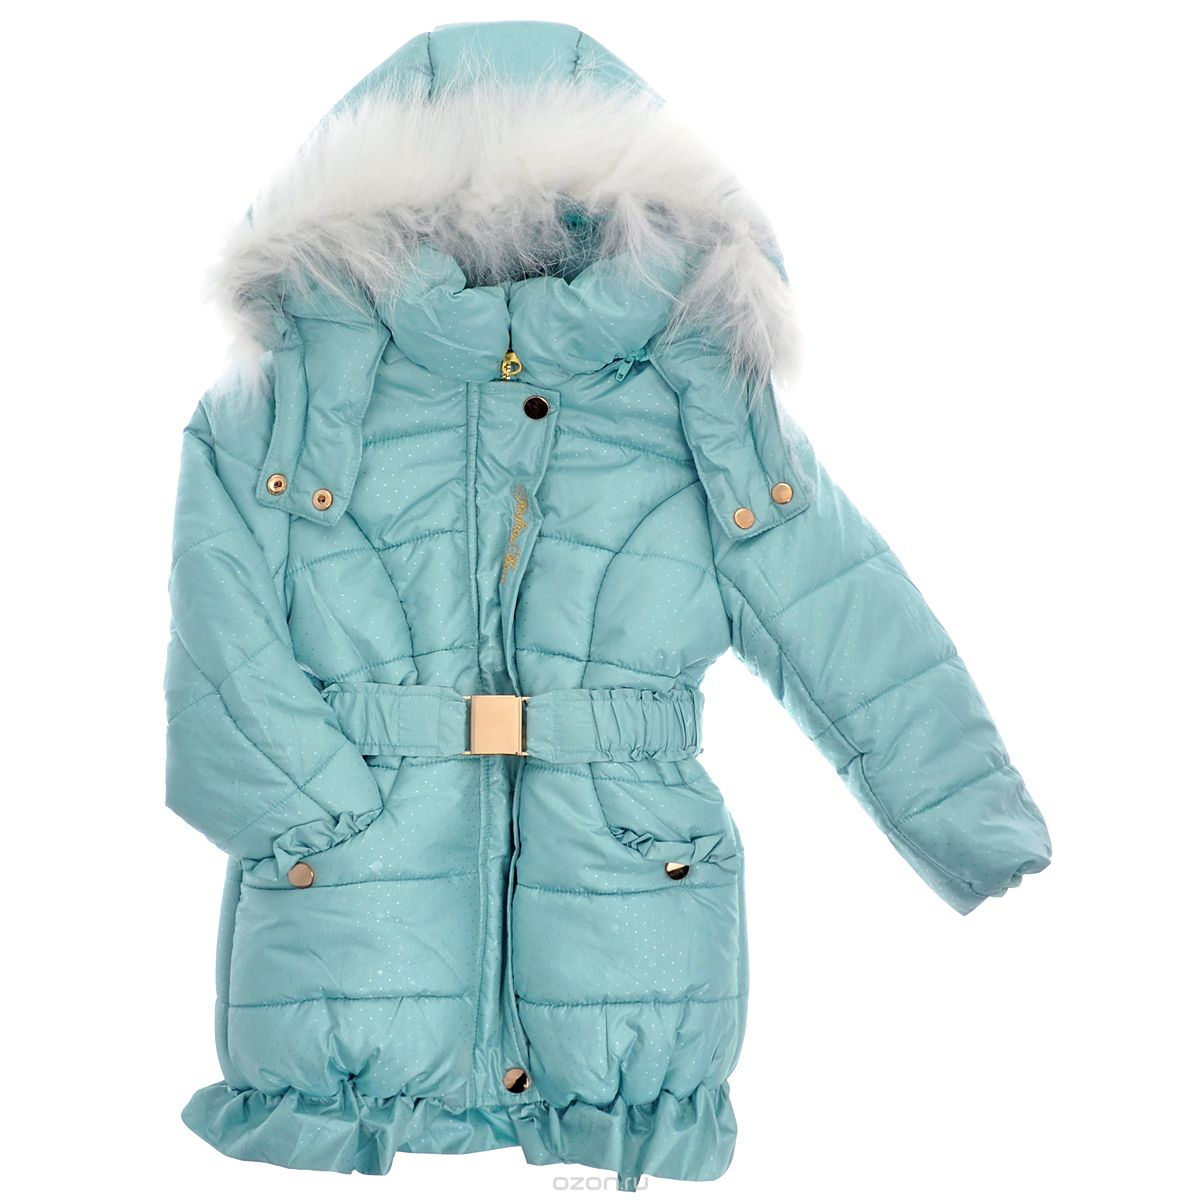 Сбор заказов. Это просто шок-4! Супер-распродажа осенних и зимних курток от Born! Скидки 50%! Цены в клочья! Утепляемся